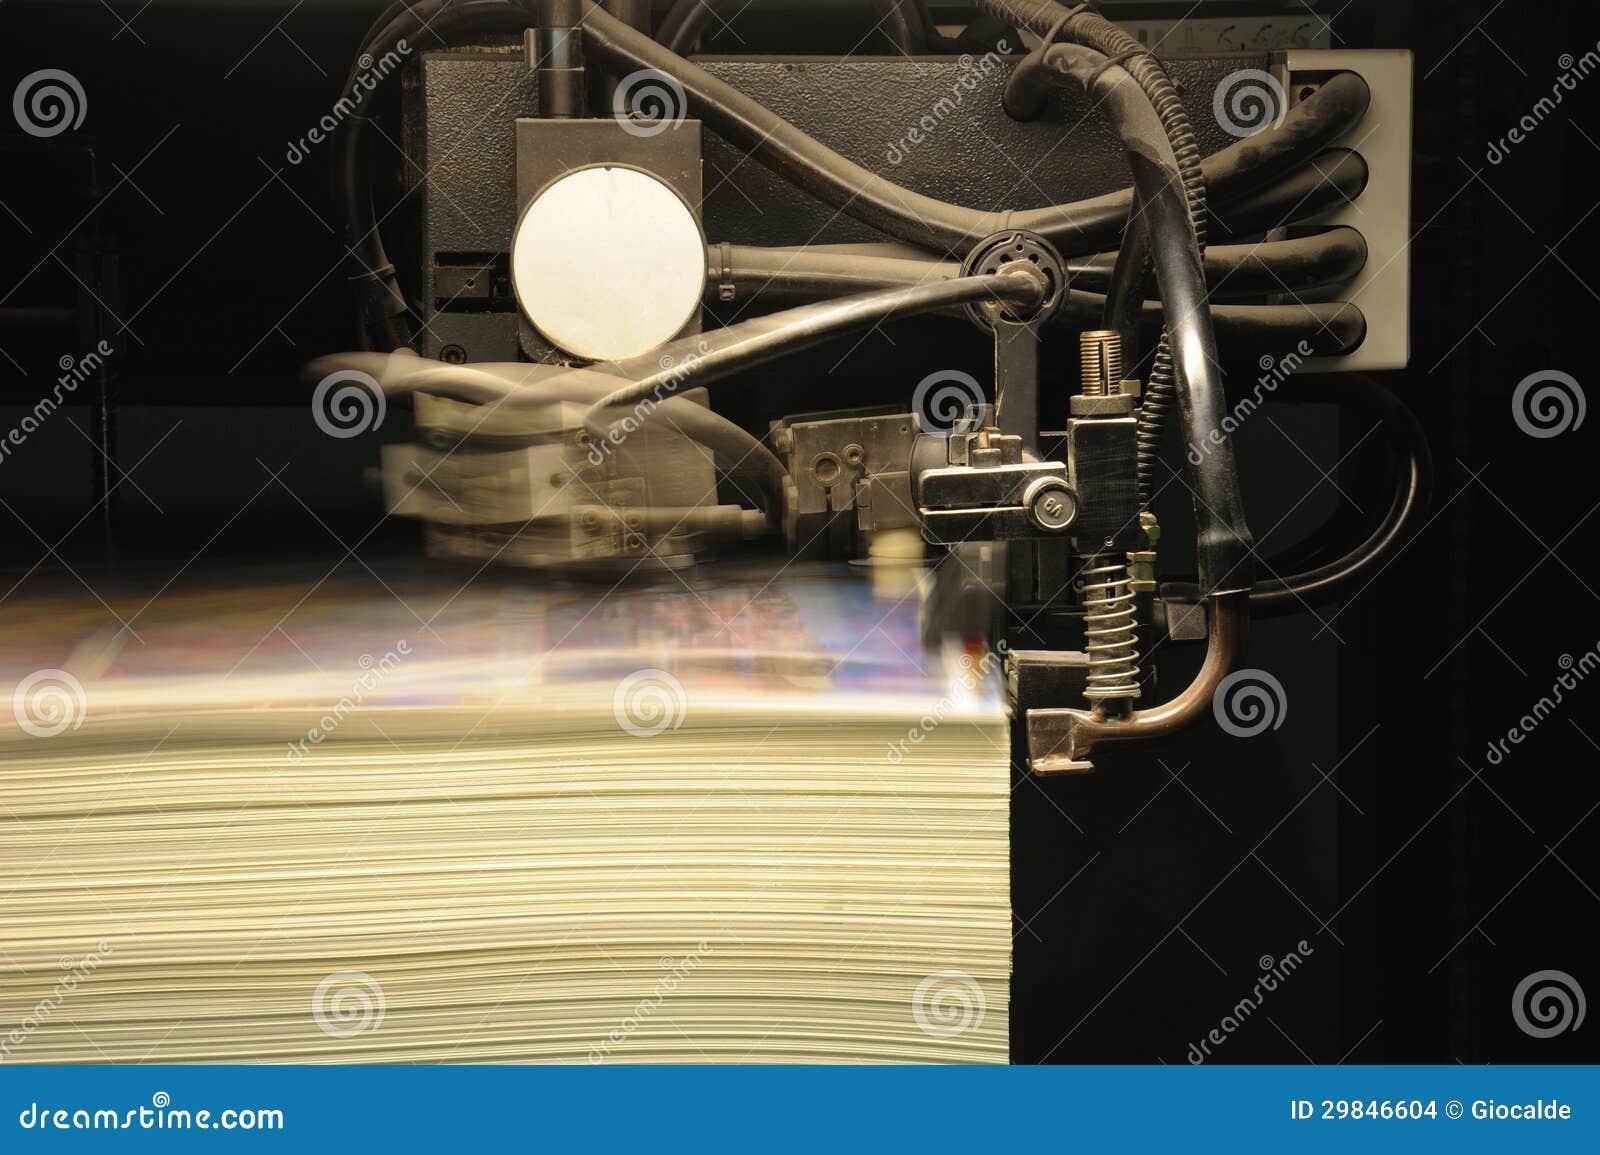 Impressão deslocada da imprensa, detalhe